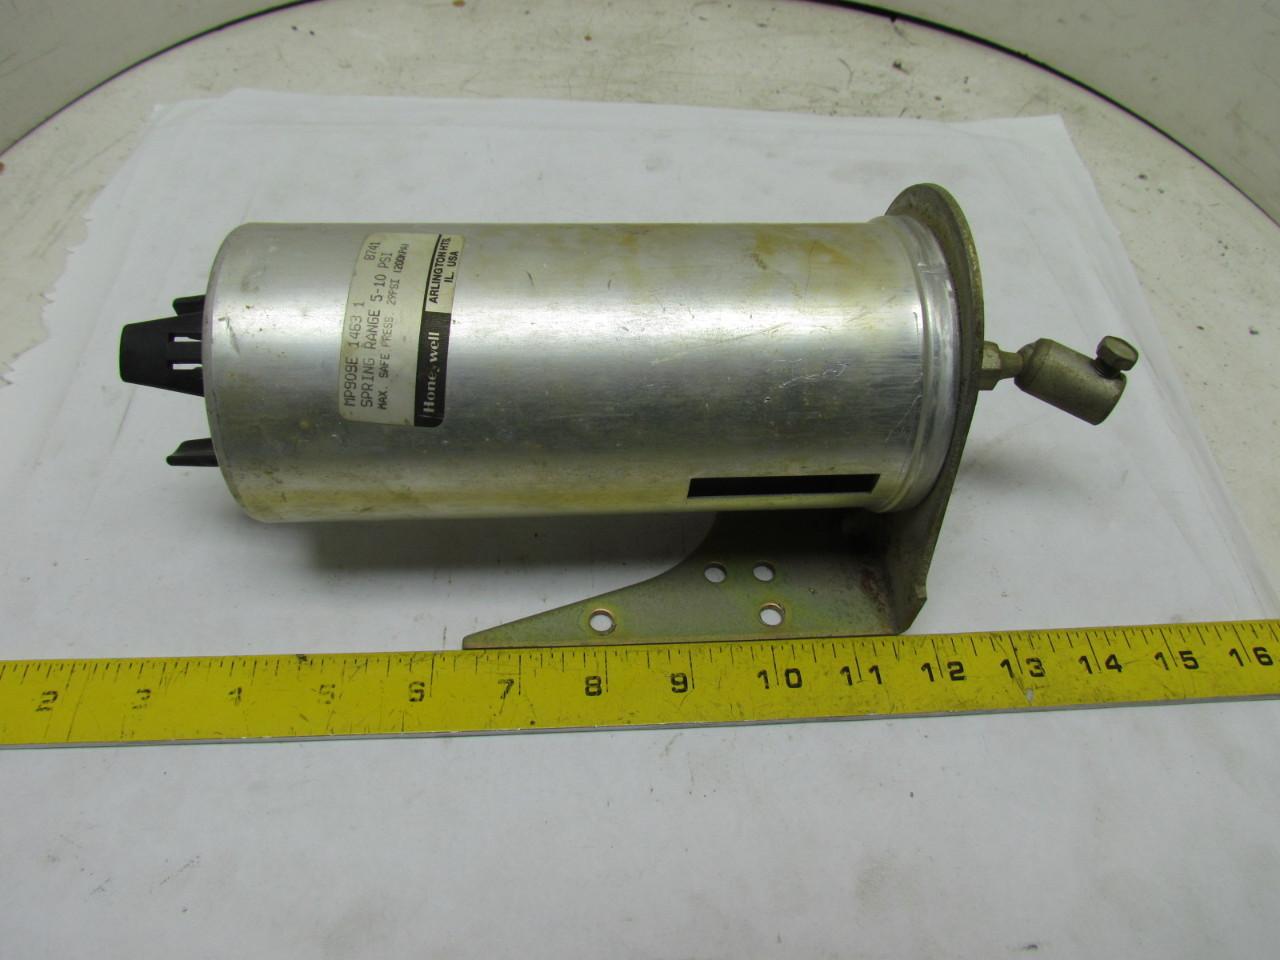 Honeywell Mp909e 1463 1 8741 Pneumatic Damper Actuator 5